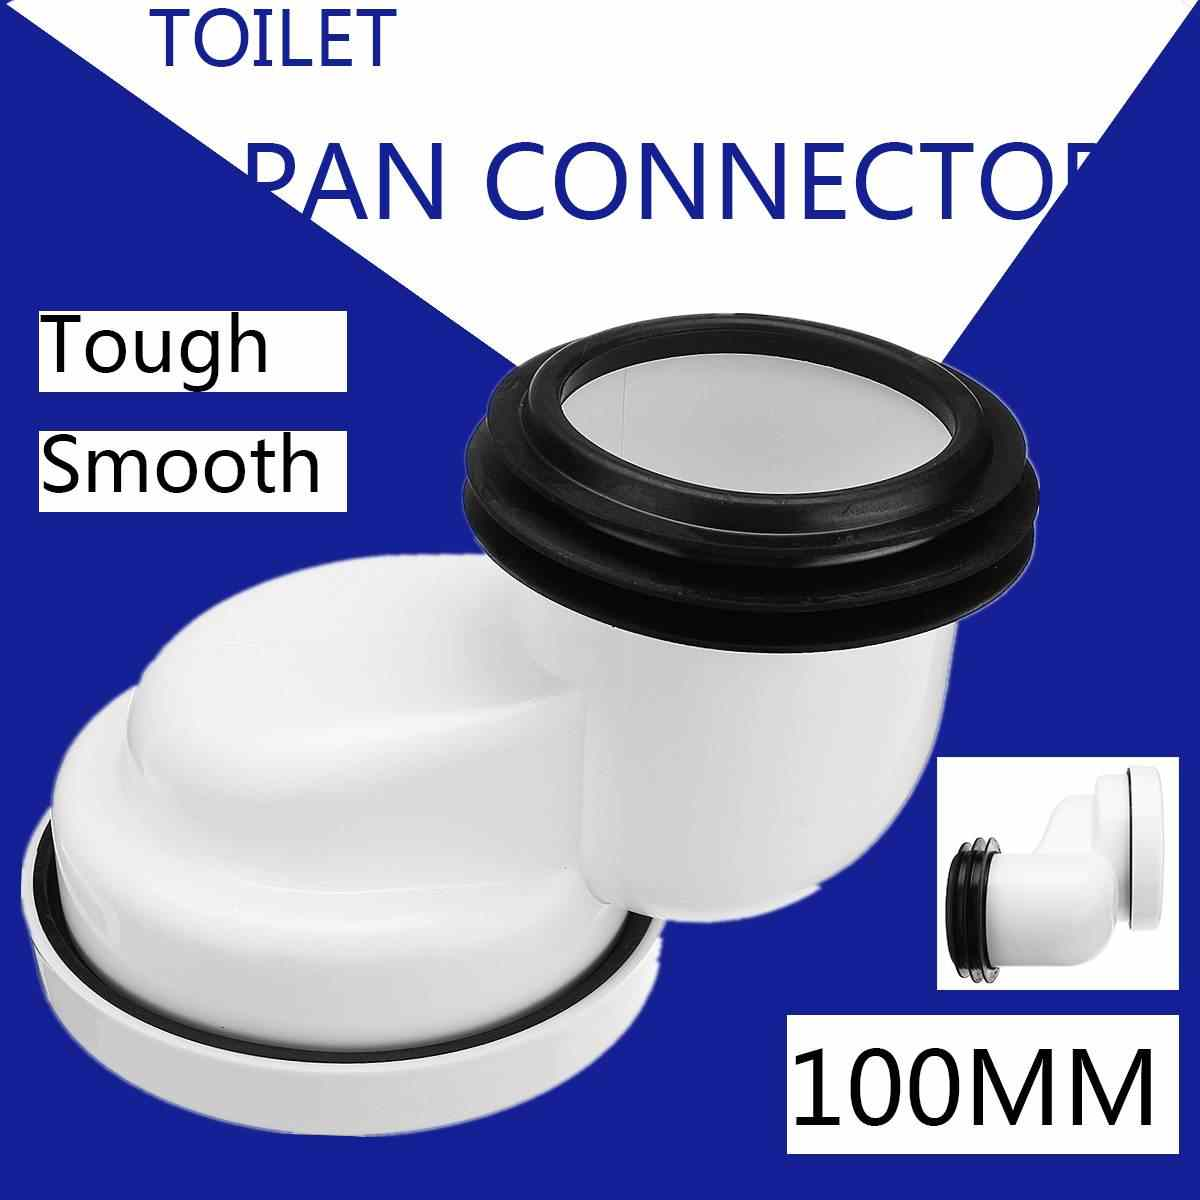 100 мм ПВХ Смещенный унитаз мусорный лоток соединитель чаша гладкая грунтовая труба белый ПВХ для ванной комнаты и туалета Запчасти Аксессуары